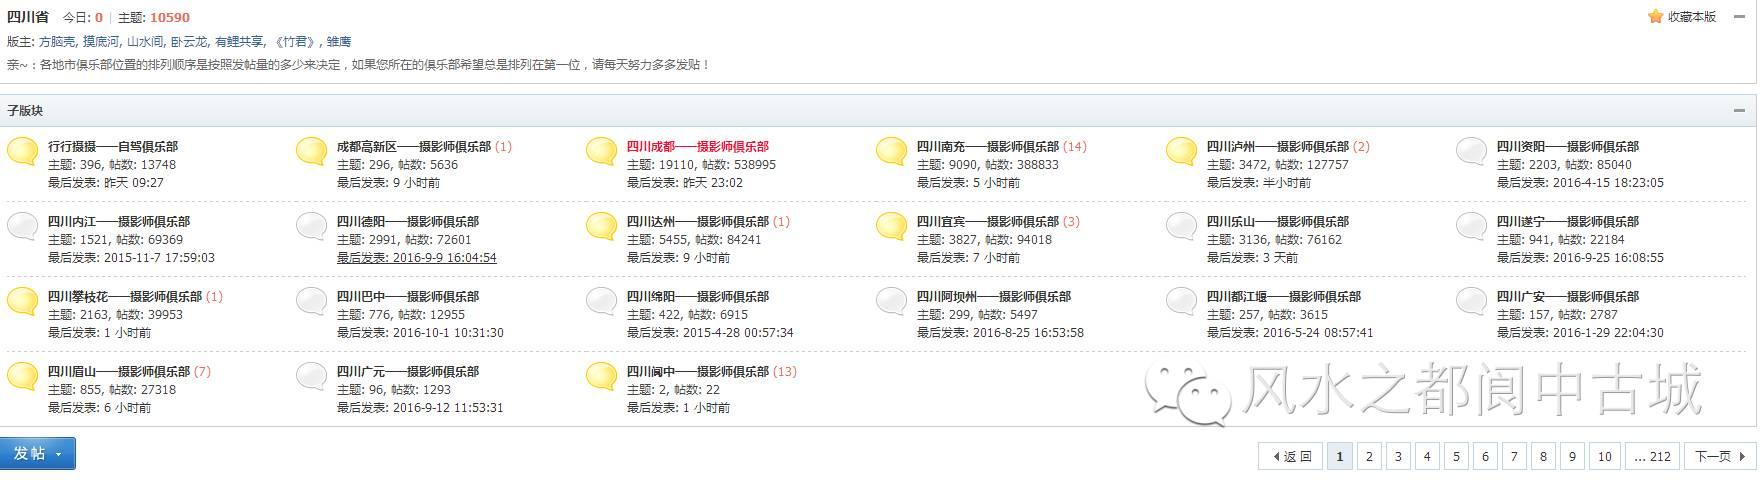 风水之都·阆中古城 | 中国旅游摄影网阆中建站揭牌仪式邀请函图片